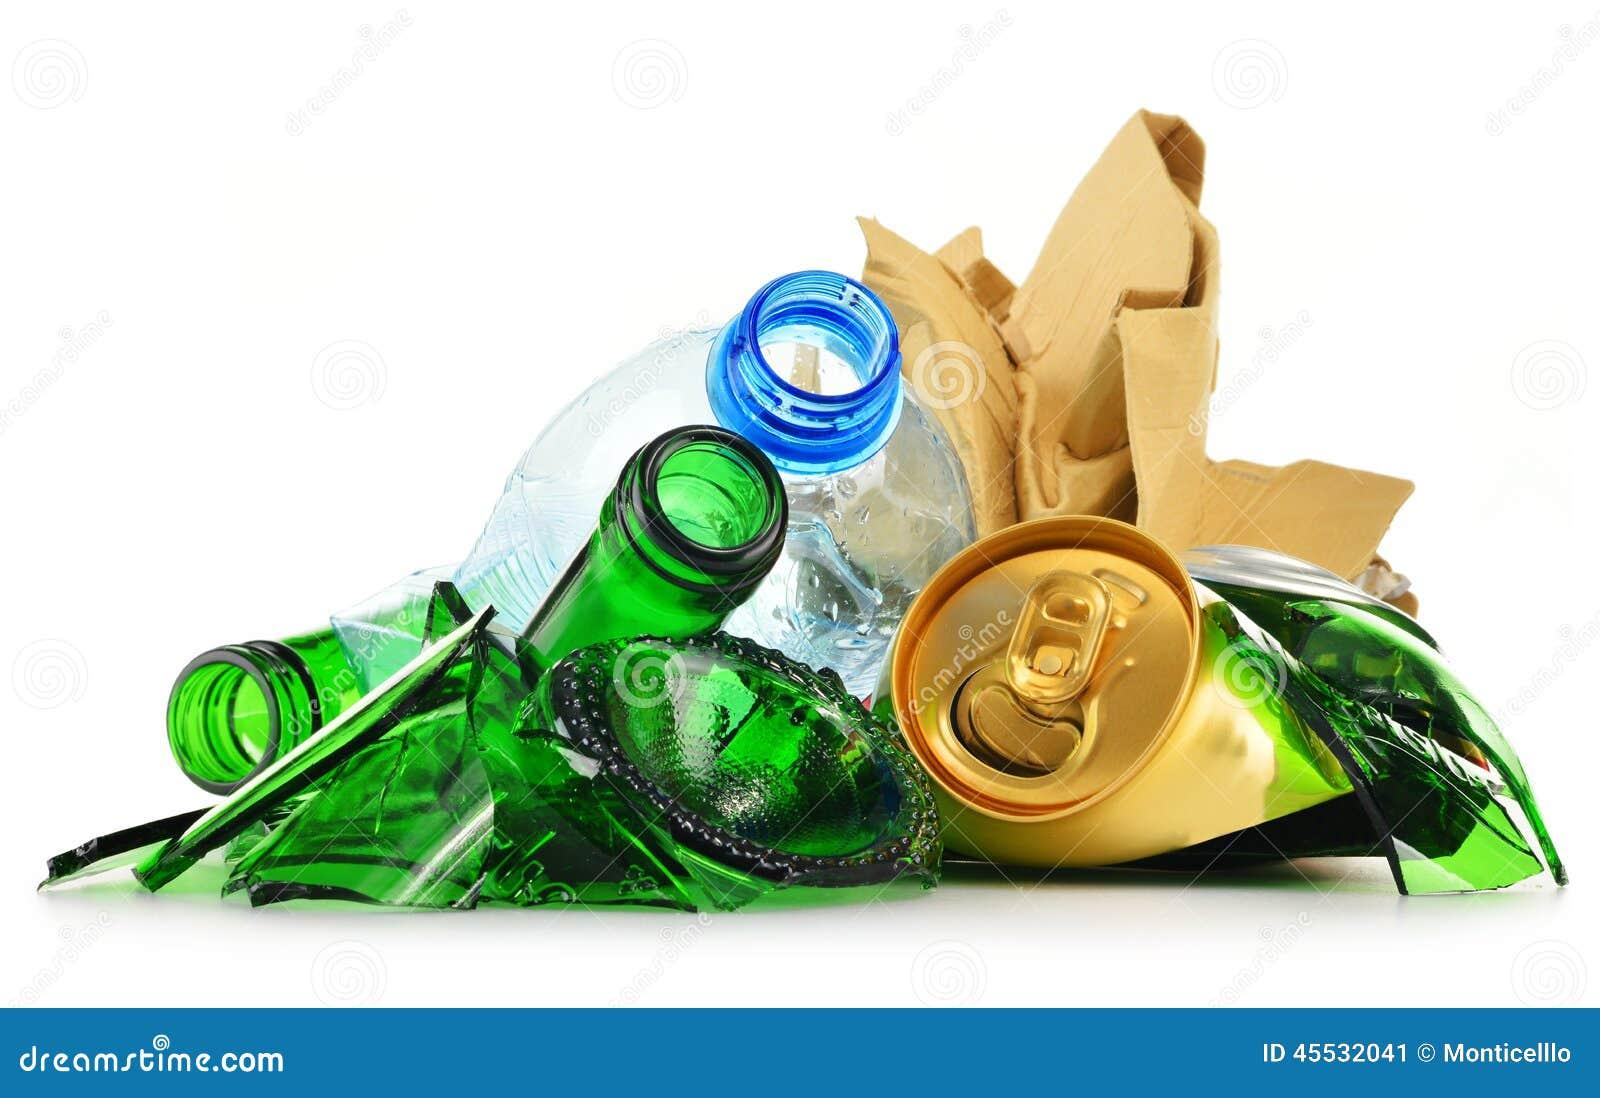 Ανακυκλώσιμα απορρίματα που αποτελούνται από το πλαστικά μέταλλο και το έγγραφο γυαλιού